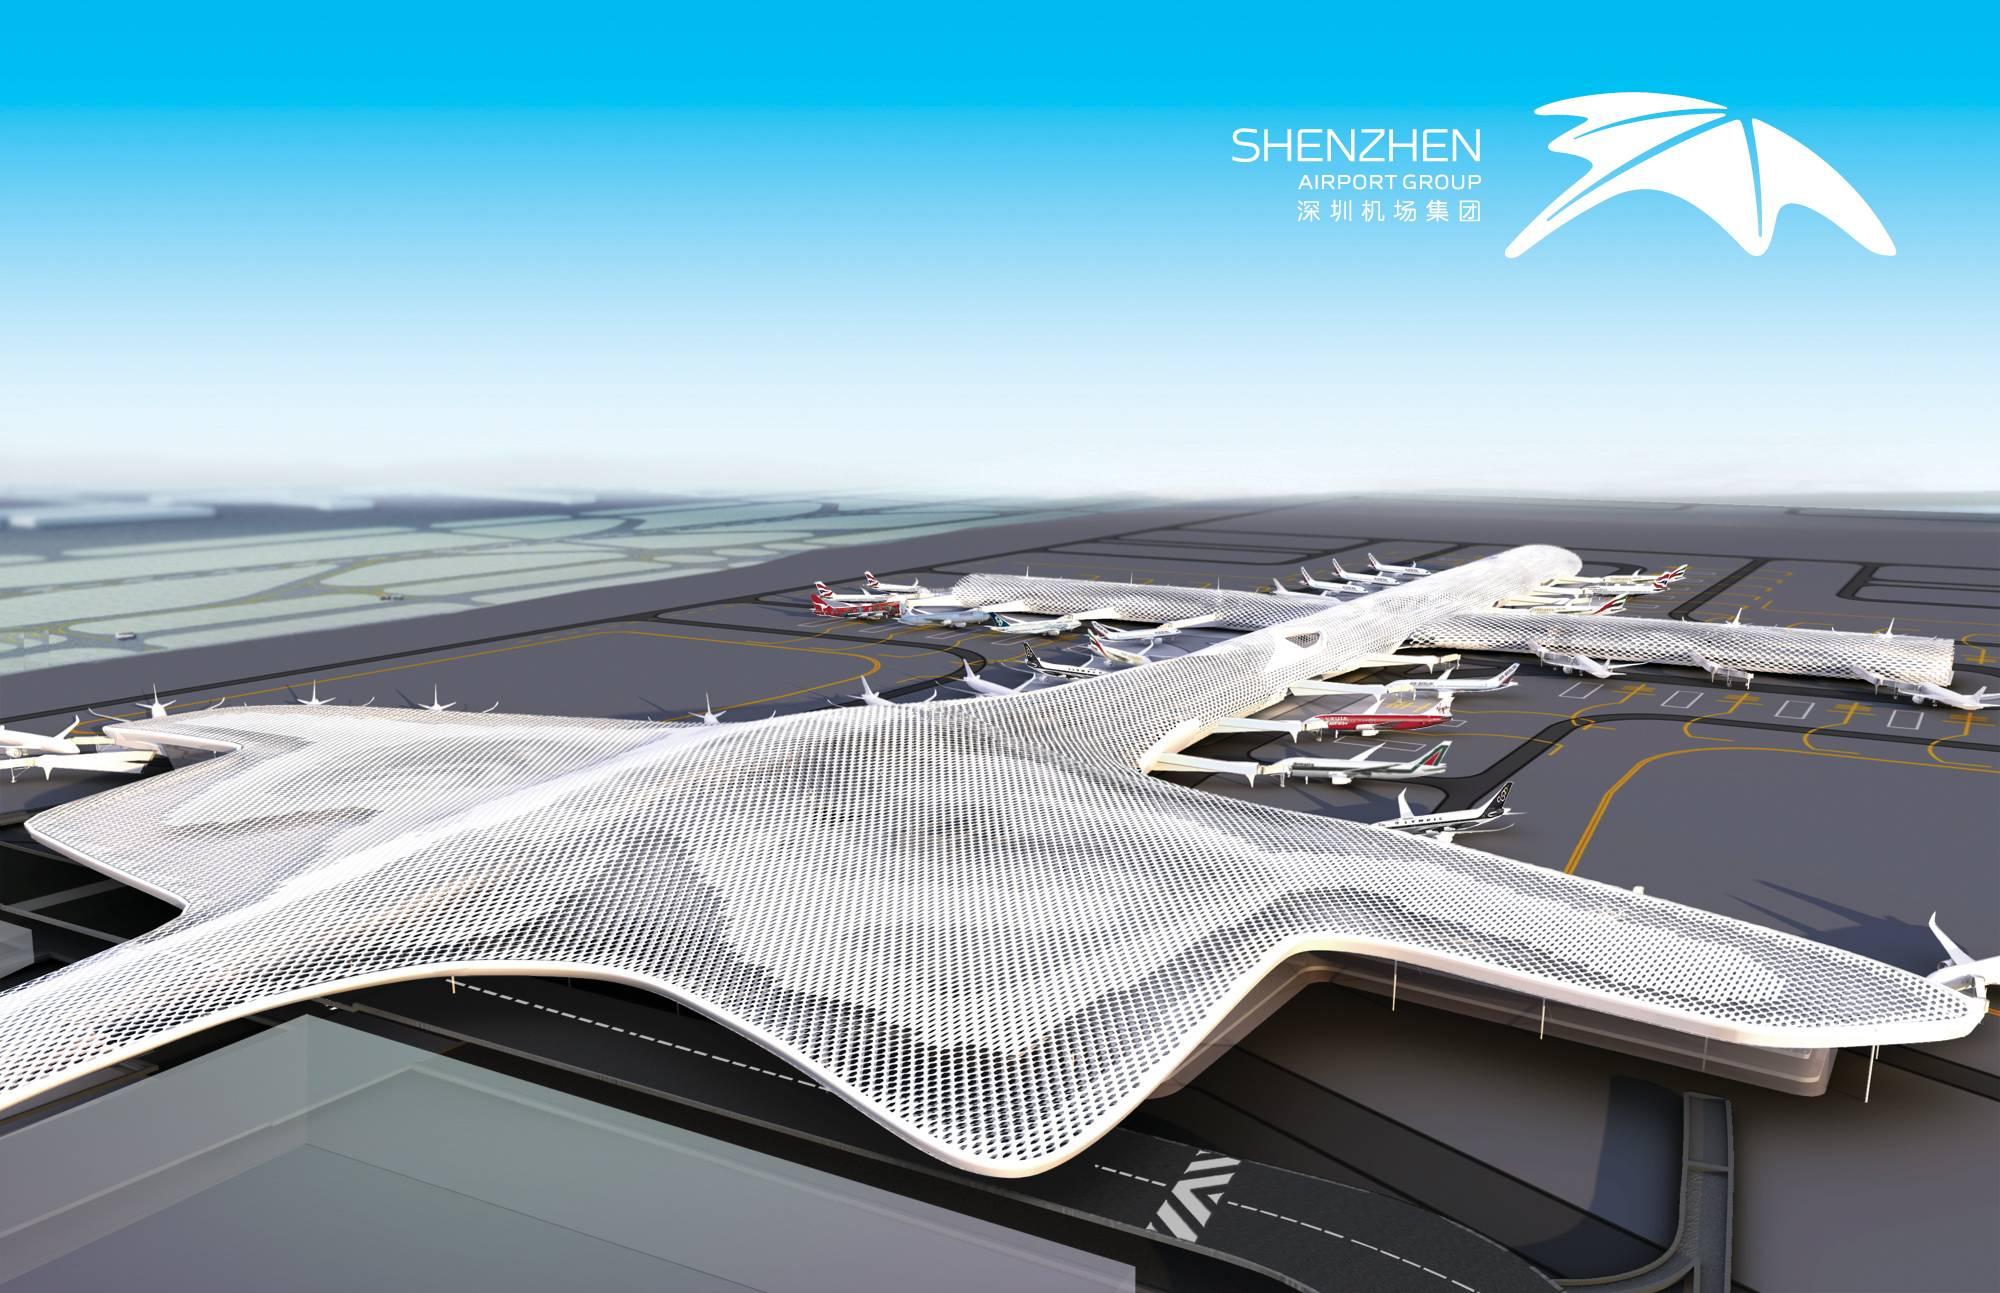 深圳机场是全国第四大机场。已经投入使用的新航站楼,由世界著名的意大利福克萨斯公司与北京市建筑设计研究院联合设计完成。新航站楼是深圳重要门户形象与之一,也是深圳新地标。 深圳机场的品牌形象由靳刘高设计完成,作为深圳广迎海内外游客的第一印象,体现创意与活力的城市定位。标志造型来自机场飞鱼外形,圆润的外轮廓也寓意环球的行业特色,代表国际交流与发展,寓意深圳机场打造国际一流的机场运营管理企业的品牌愿景。整体结构呈向上发展,具视觉引导效果,寓意企业追求卓越、积极进取、创新发展的企业文化。 在T3航站楼落成之际,该